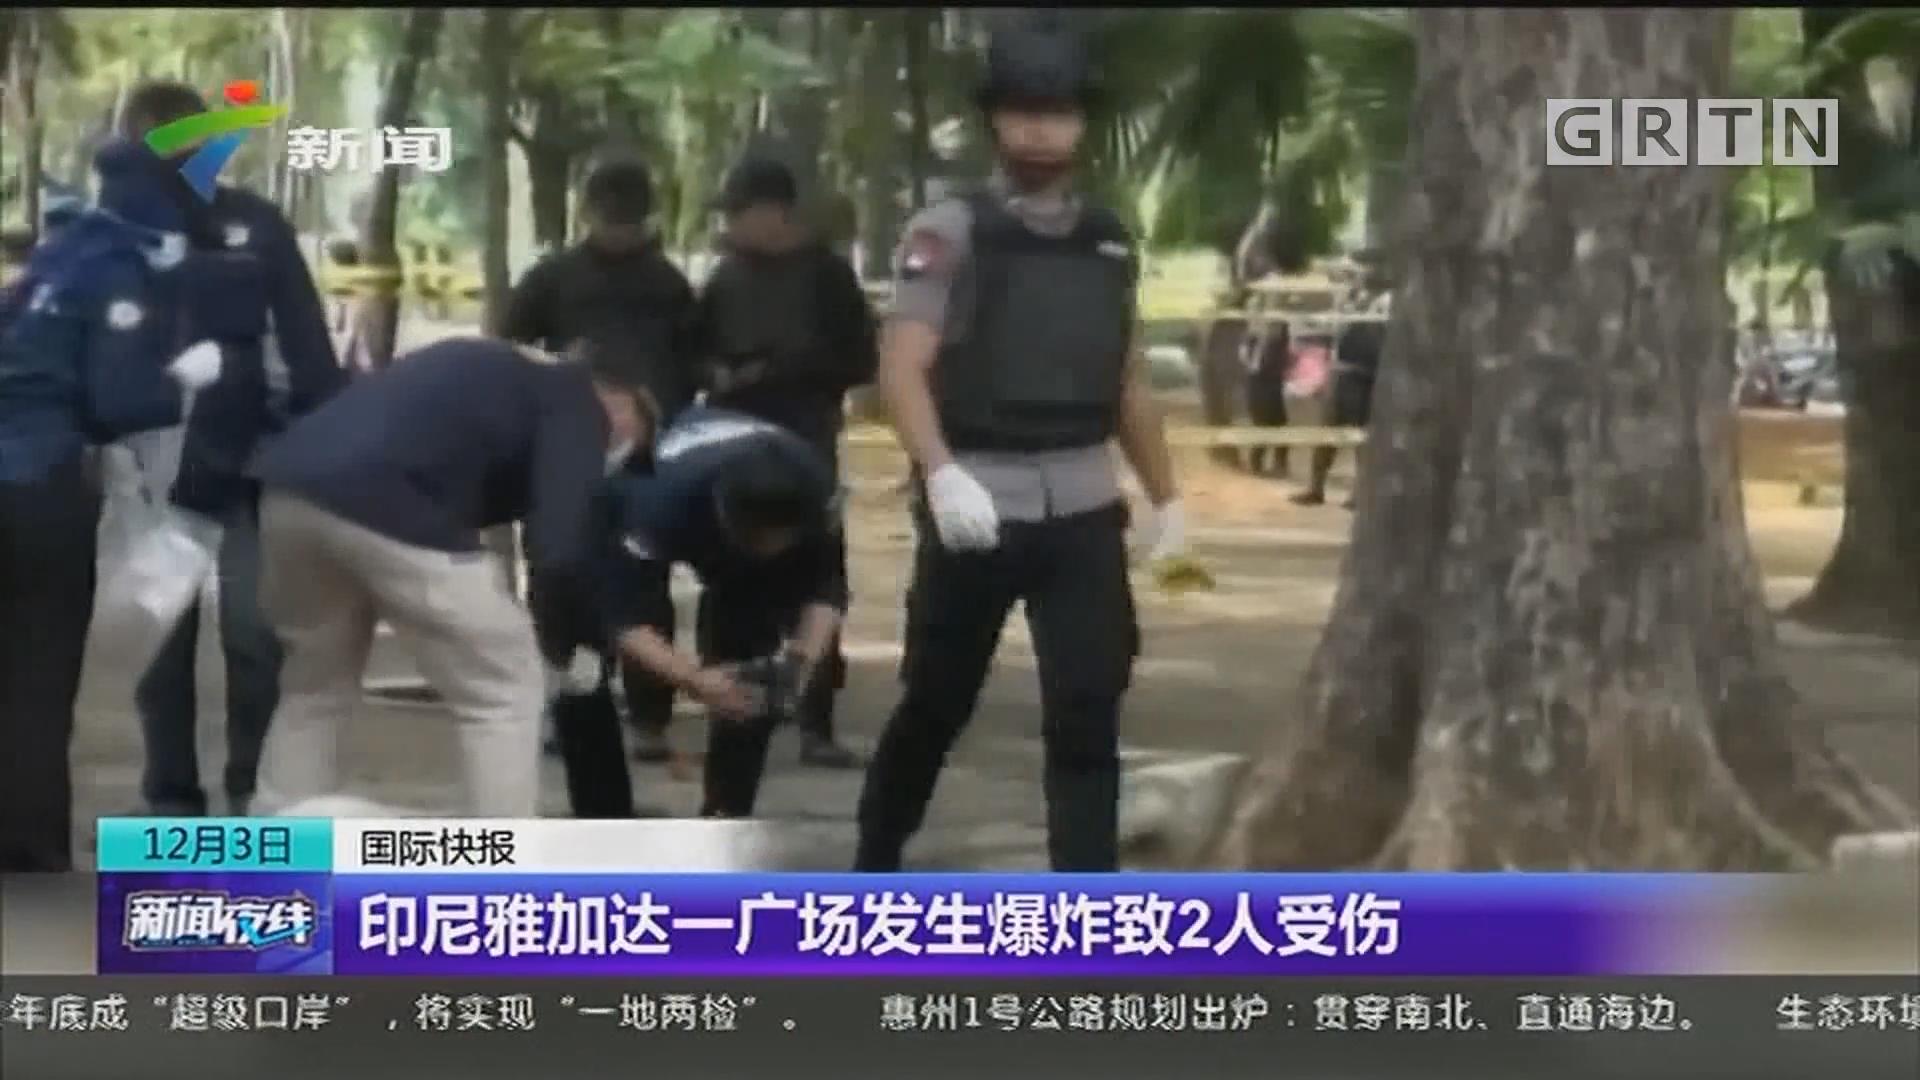 印尼雅加达一广场发生爆炸致2人受伤